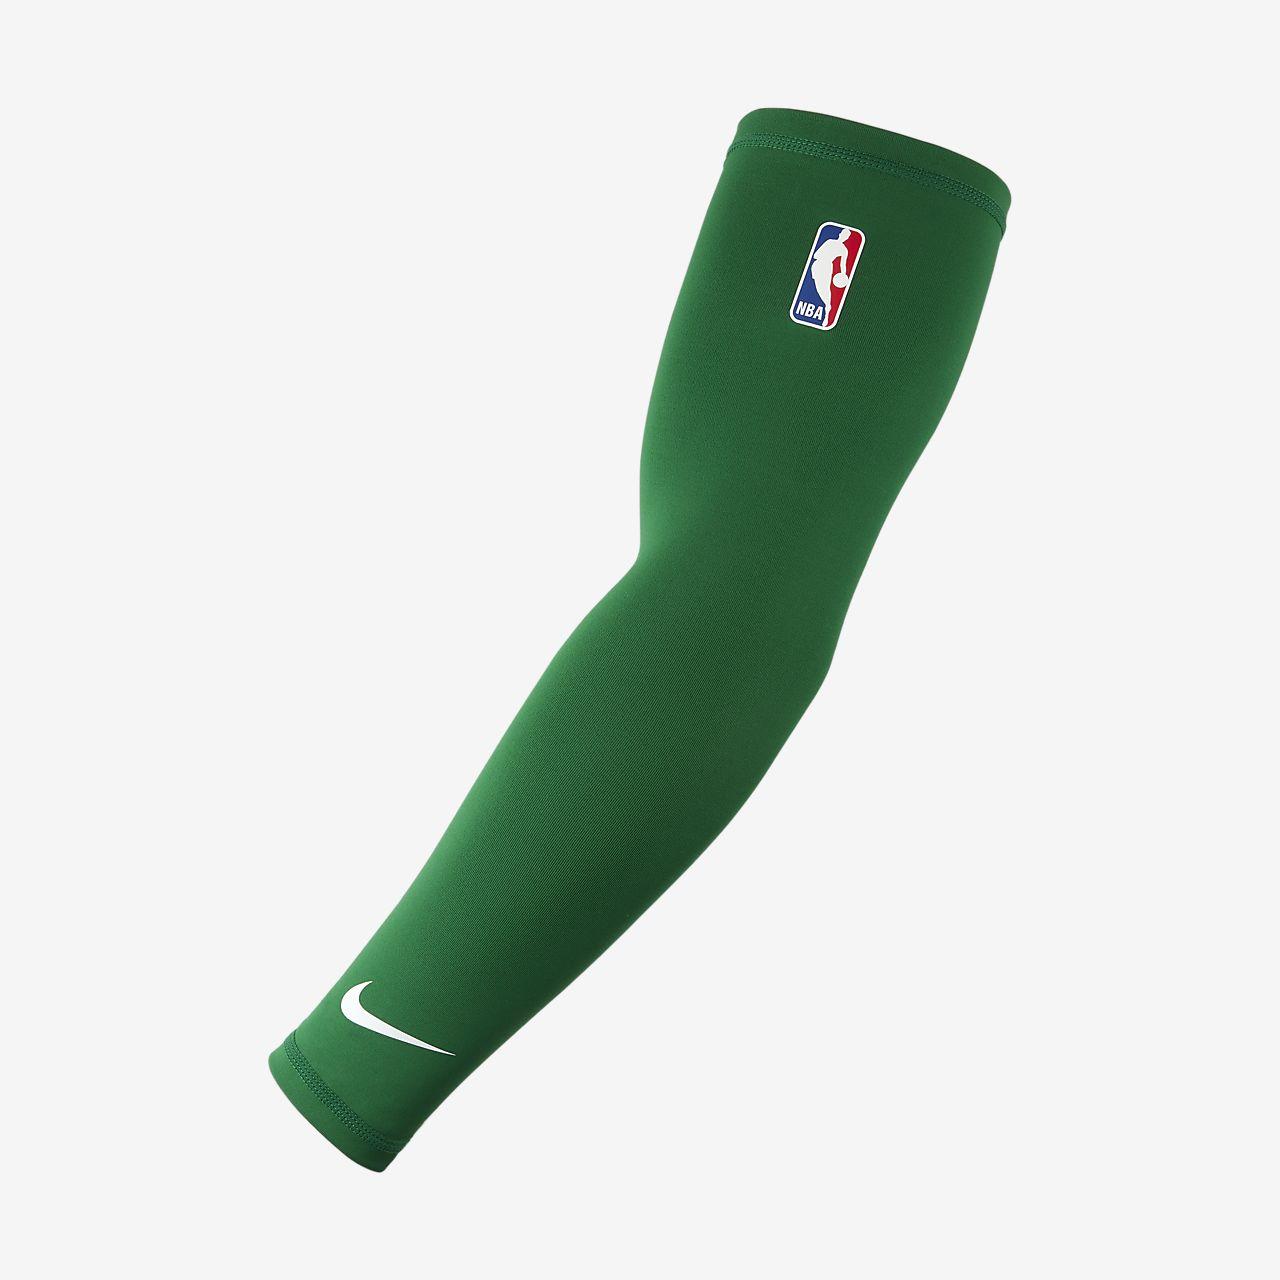 Rękawy koszykarskie Nike NBA Elite